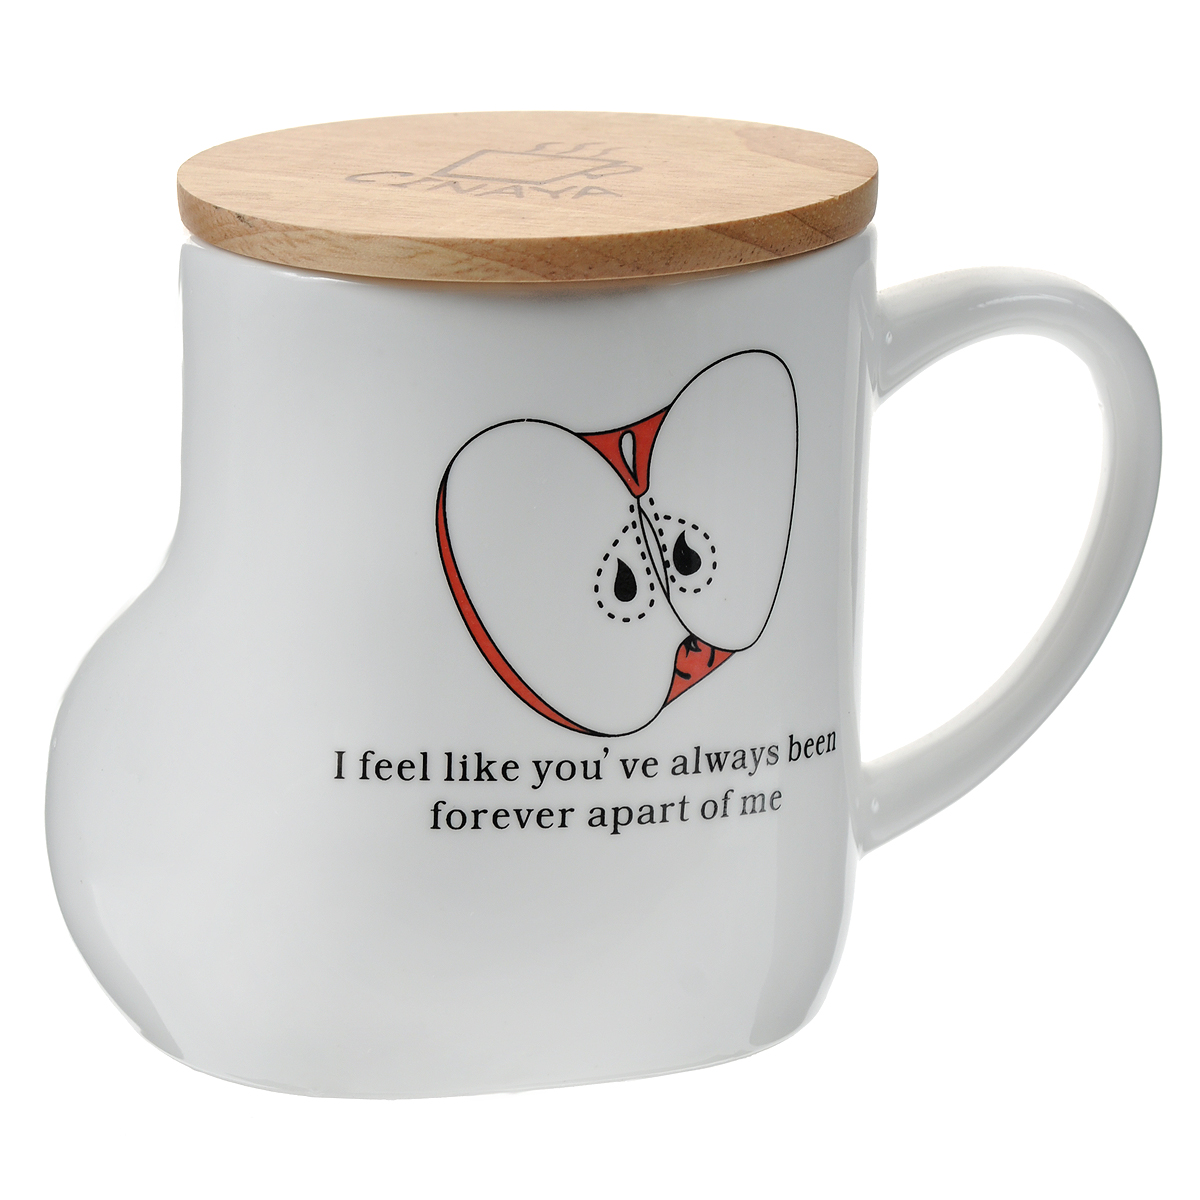 Кружка Яблоко, с бамбуковой крышкой, цвет: белый, черный, красный. 003100003100Кружка Яблоко необычной формы выполнена из керамики в виде валенка и оформлена изображением яблока и надписями на английском языке. Она станет отличным подарком для человека, ценящего забавные и практичные вещи. В комплекте бамбуковая крышка.Такой подарок станет не только приятным, но и практичным сувениром, а оригинальный дизайн вызовет улыбку.Характеристики:Материал:керамика, бамбук. Высота кружки (без учета крышки):10 см. Диаметр по верхнему краю: 8 см. Размер упаковки:13,5 см х 9 см х 11 см. Артикул: 003100.